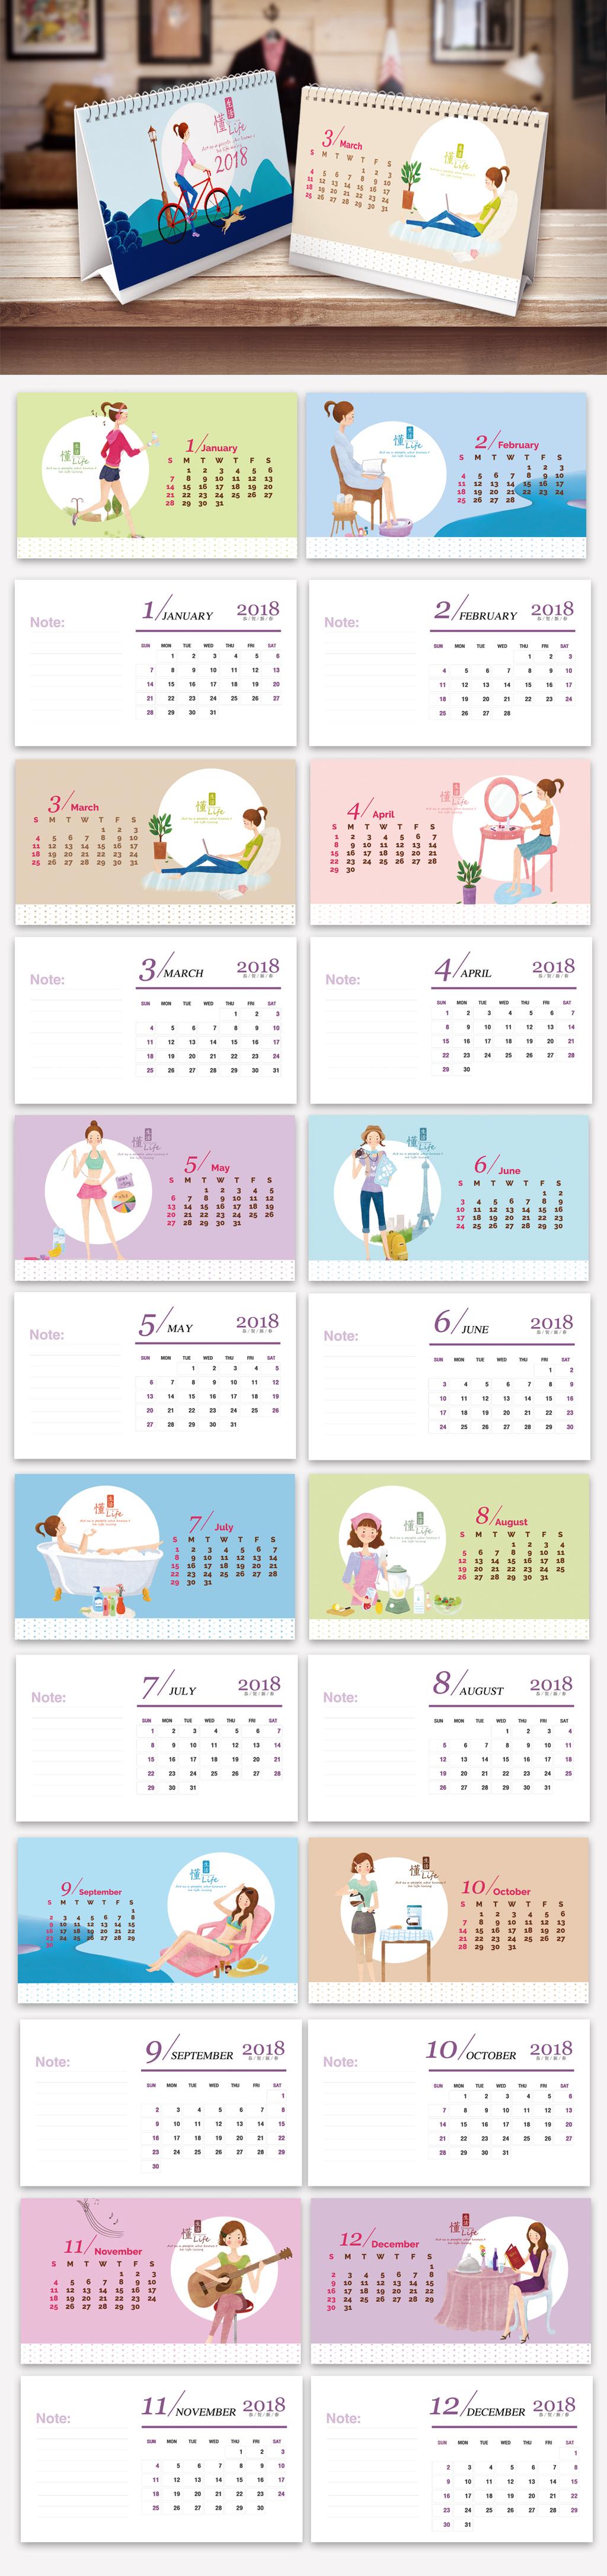 2018狗年设计模板 2018狗年日历 > 2018懂生活女人系列台历模板